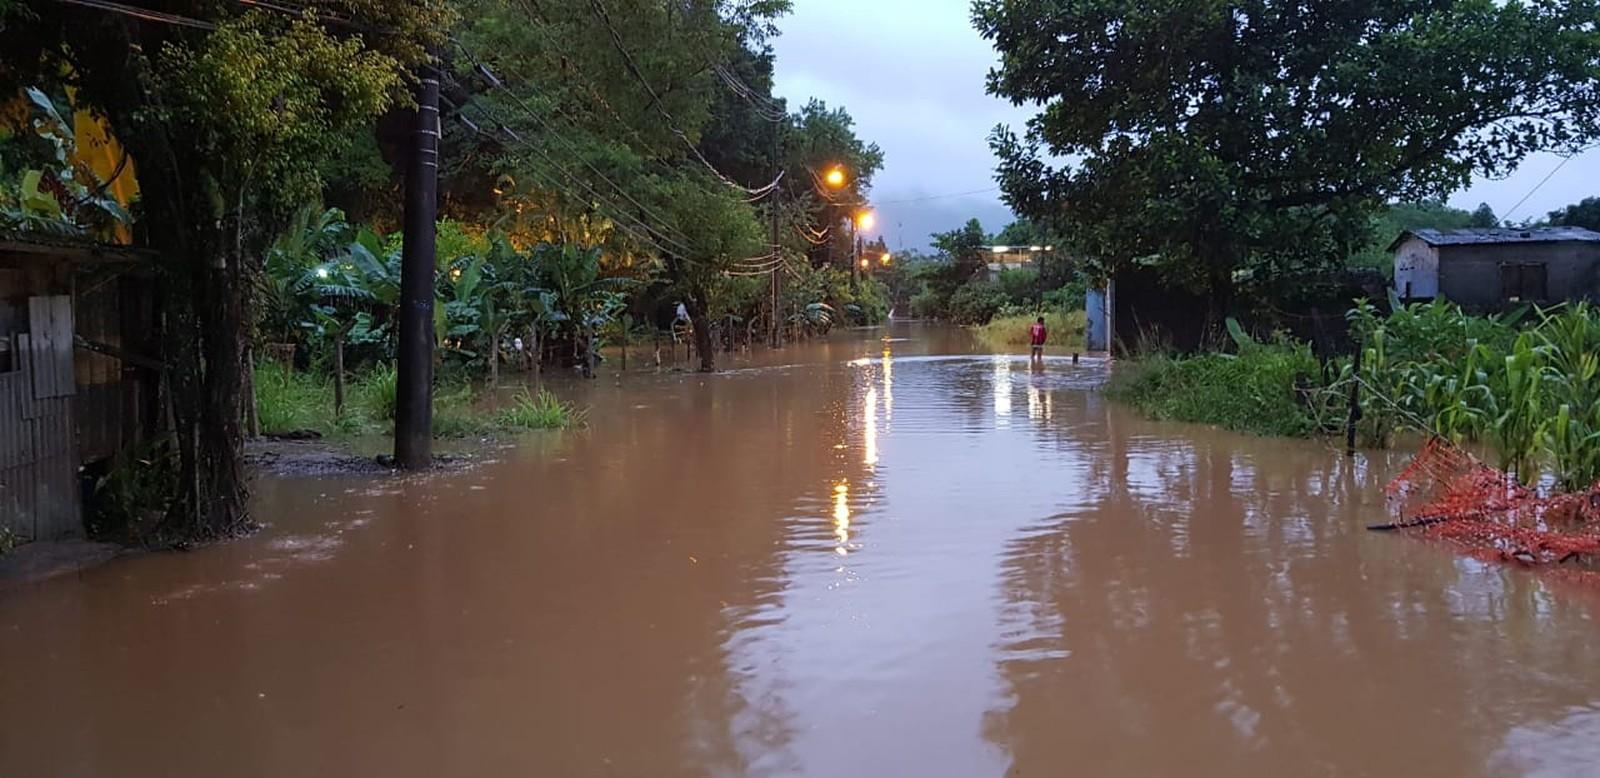 Situação do bairro Água Fria, na manhã desta segunda-feira, em Cubatão — Foto: Carol Santos/Arquivo Pessoal